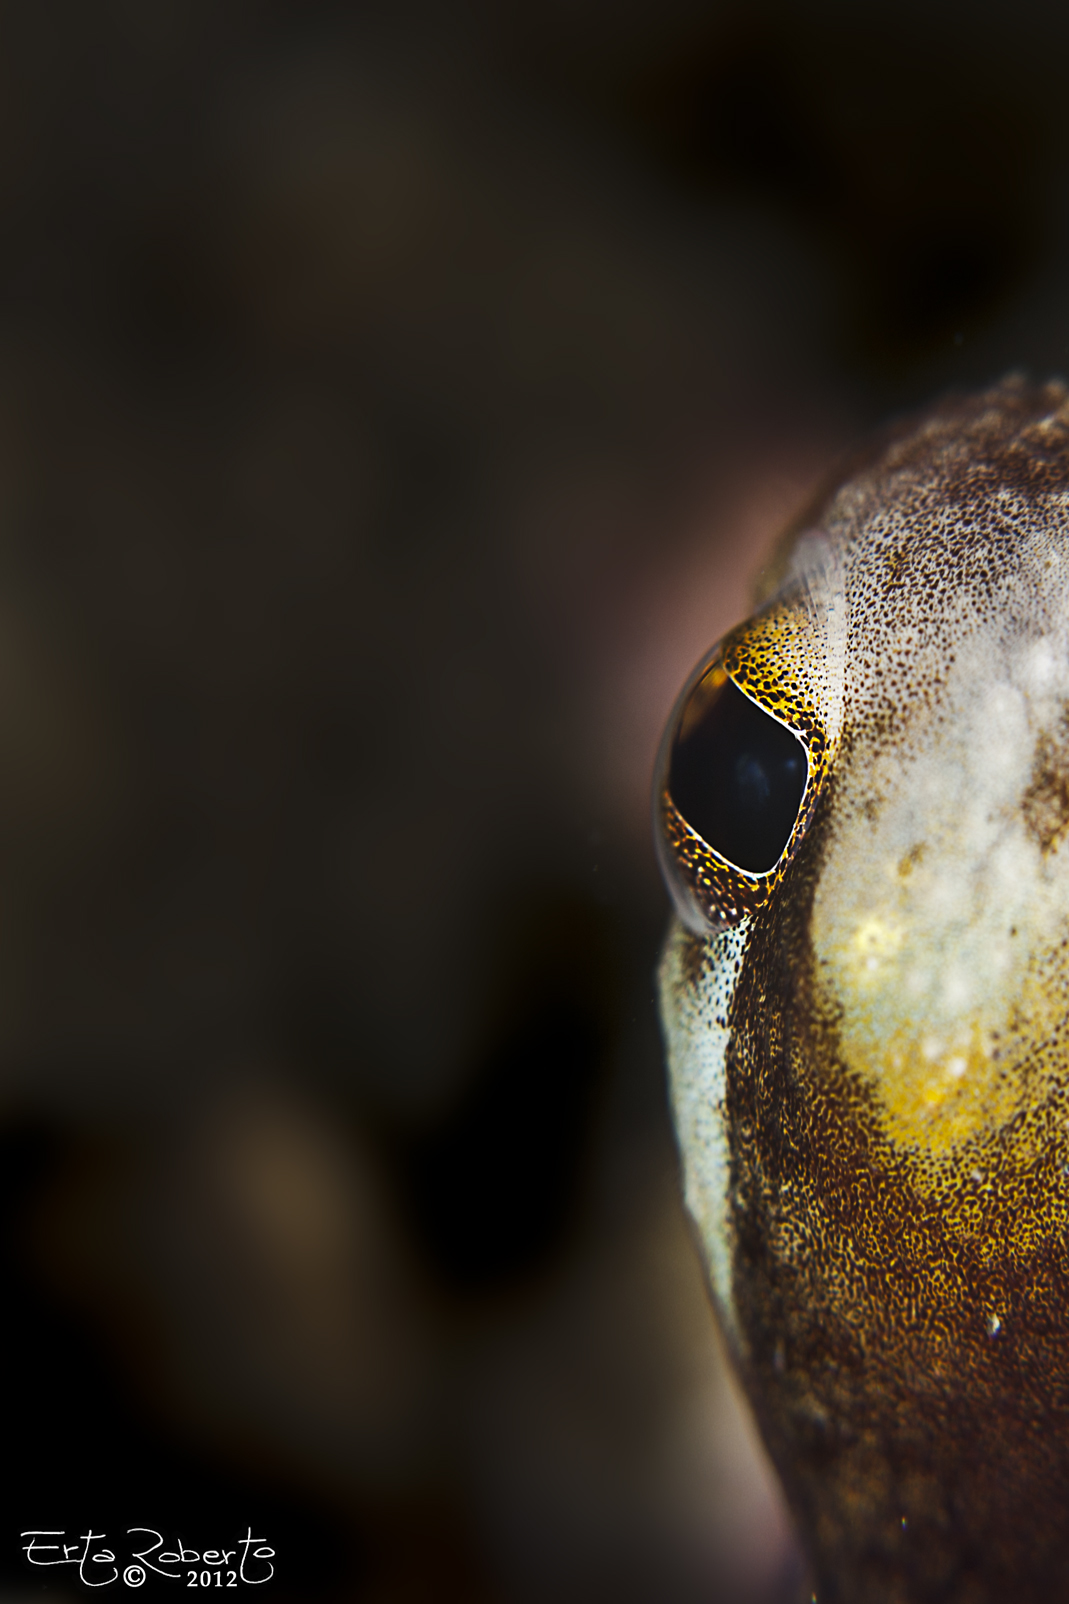 Curious octopus...